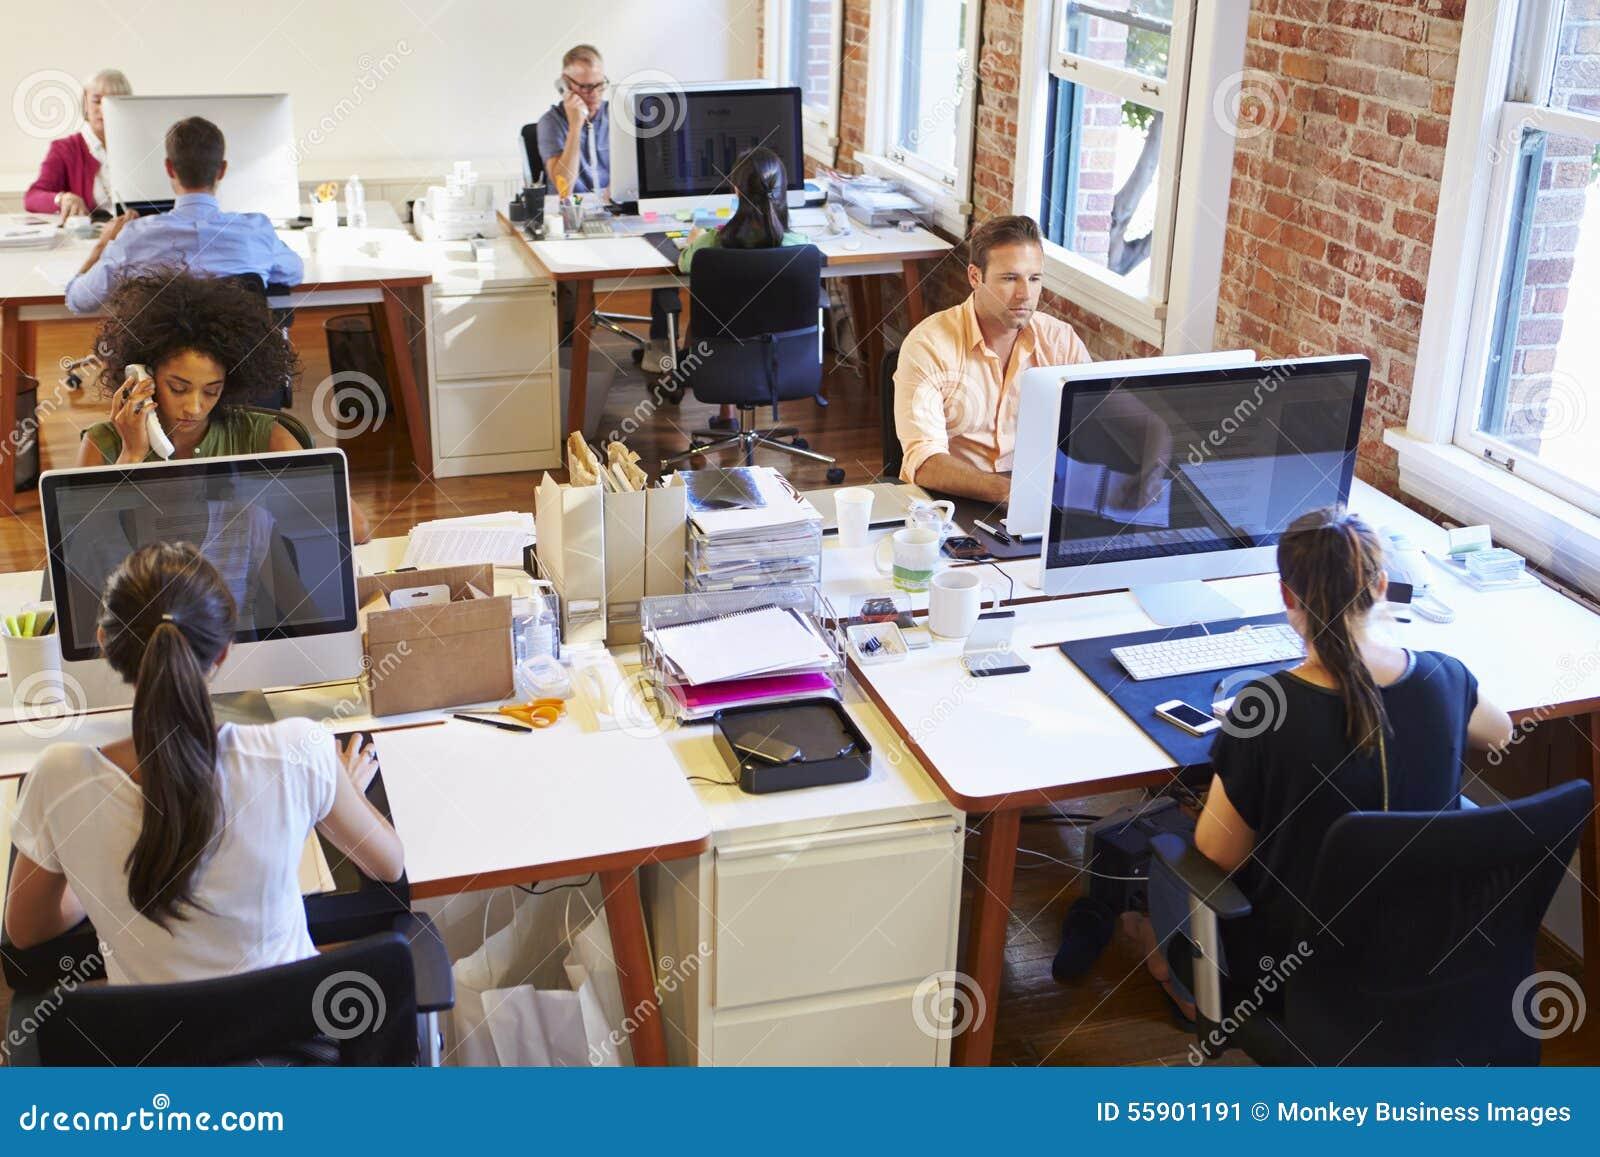 Широкоформатный взгляд занятого офиса дизайна с работниками на столах